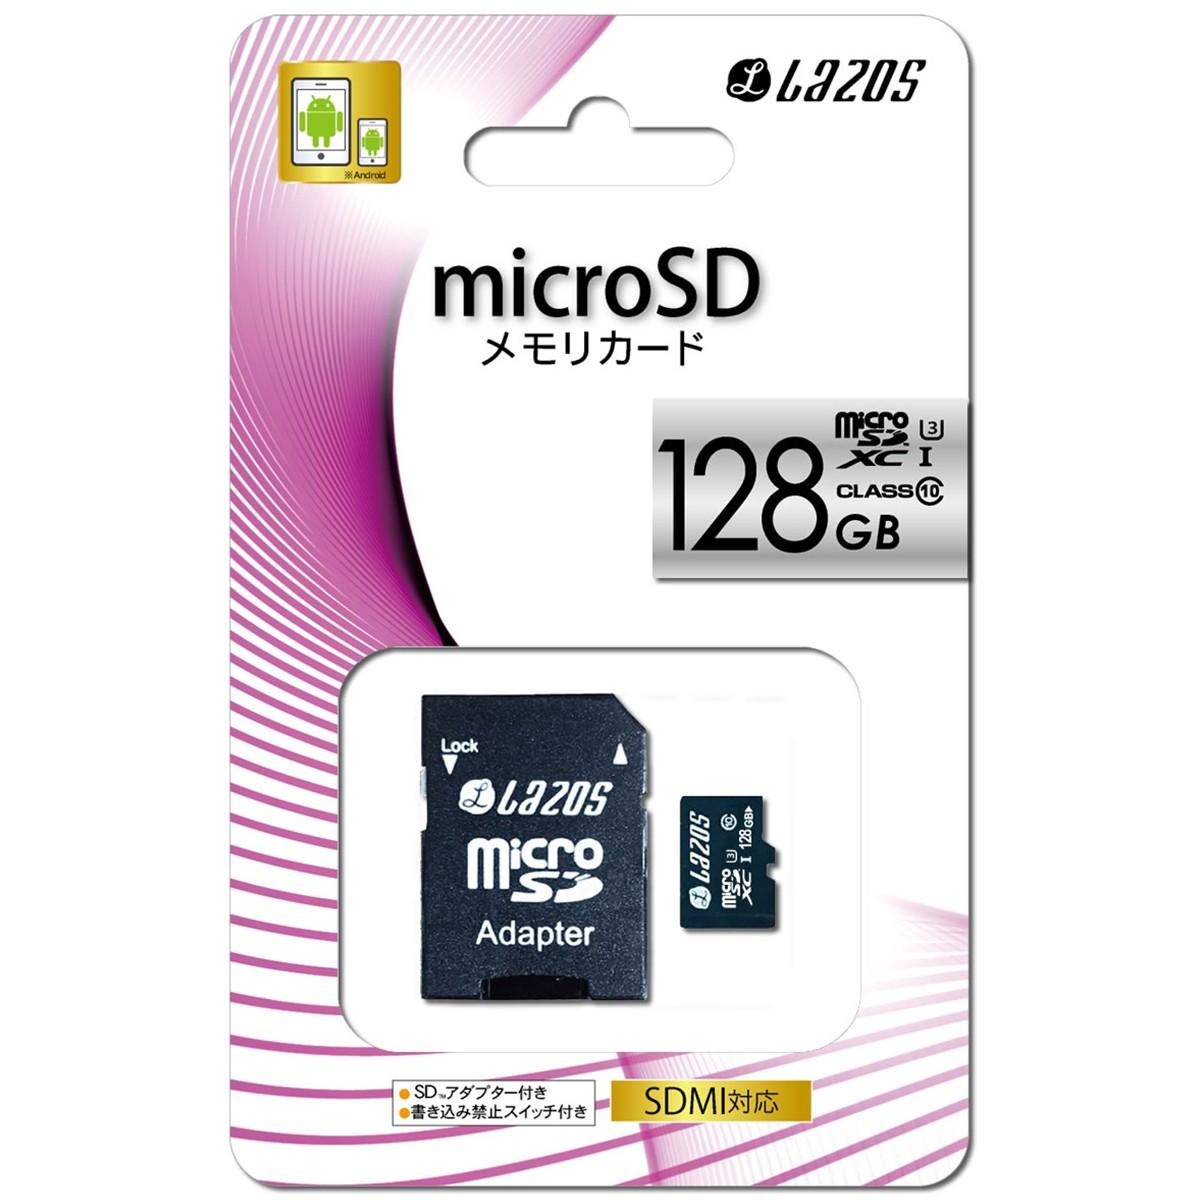 MicroSDメモリーカード 128GB マイクロ SDカード microSDHC メモリーカード TFカード CLASS10 SDカード 変換アダプタ付き 国内1年保証 【メール便送料無料】